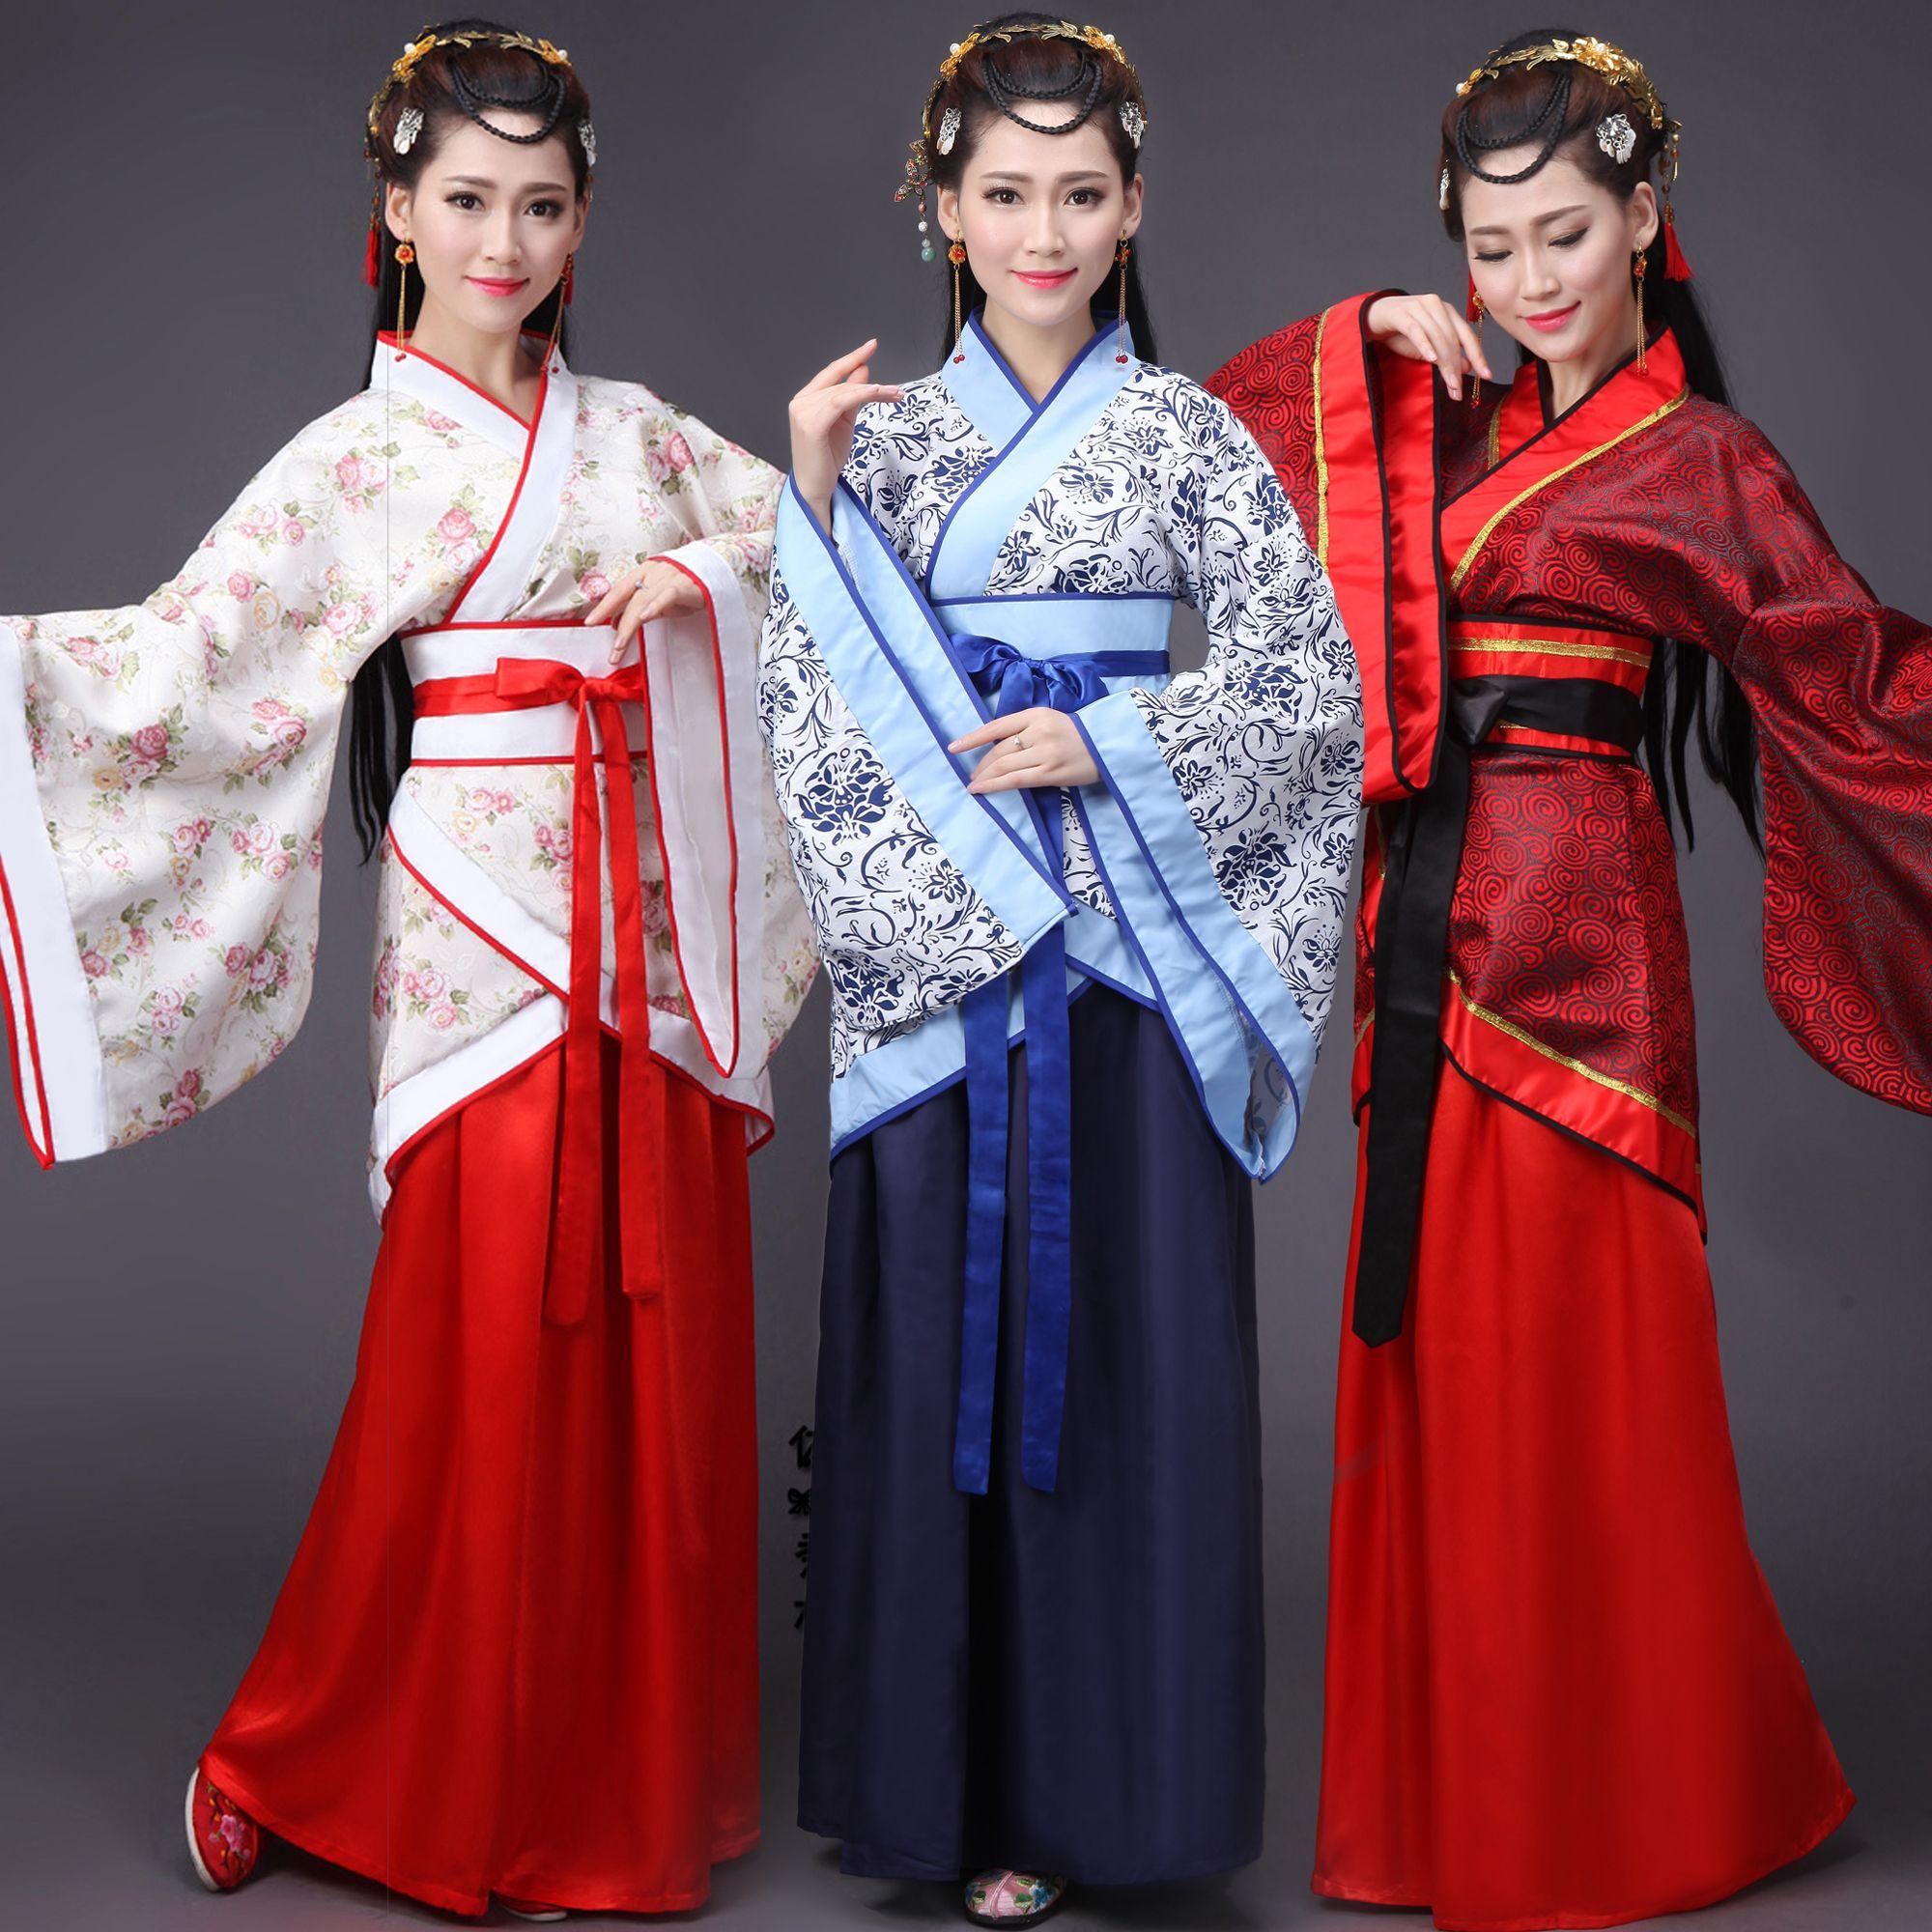 китайская одежда название с фото небольшие тексты помогут